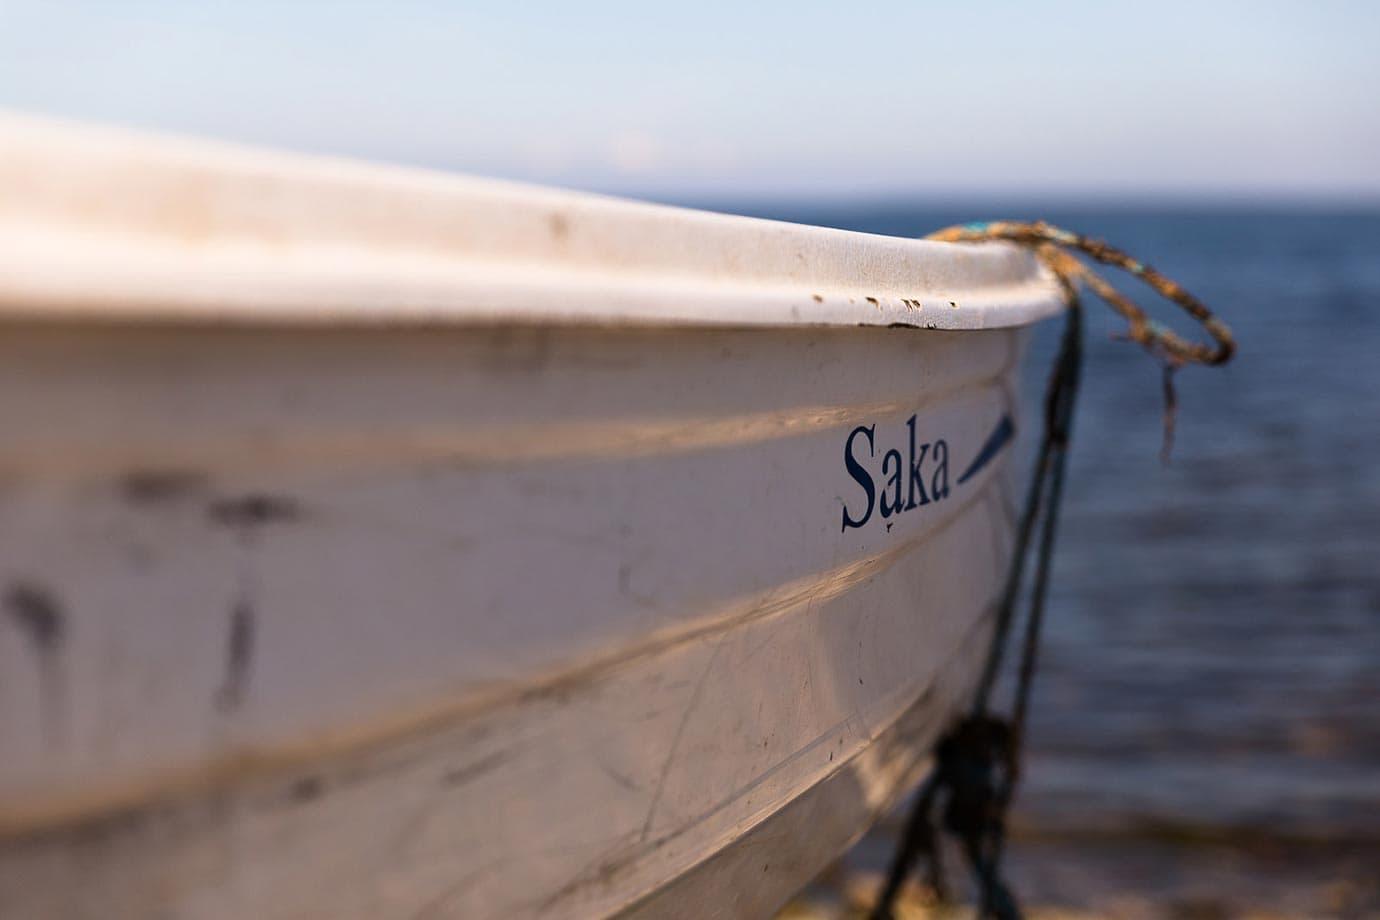 Lost boat in Estonia